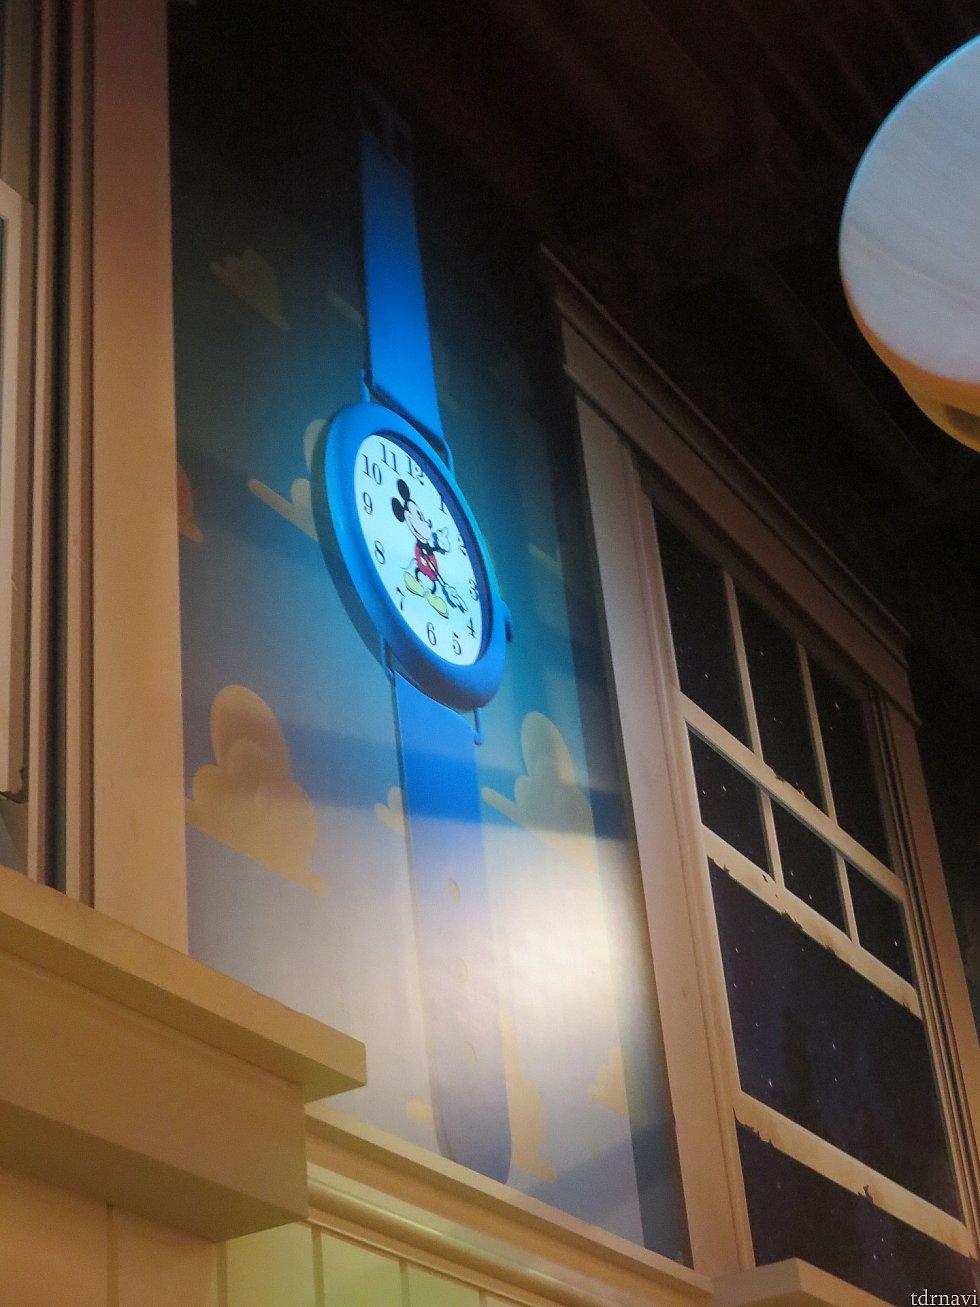 外は夜で真っ暗。時計はよくみるとミッキー!ウッディ達にとって腕時計はこれくらいのサイズなんだね!